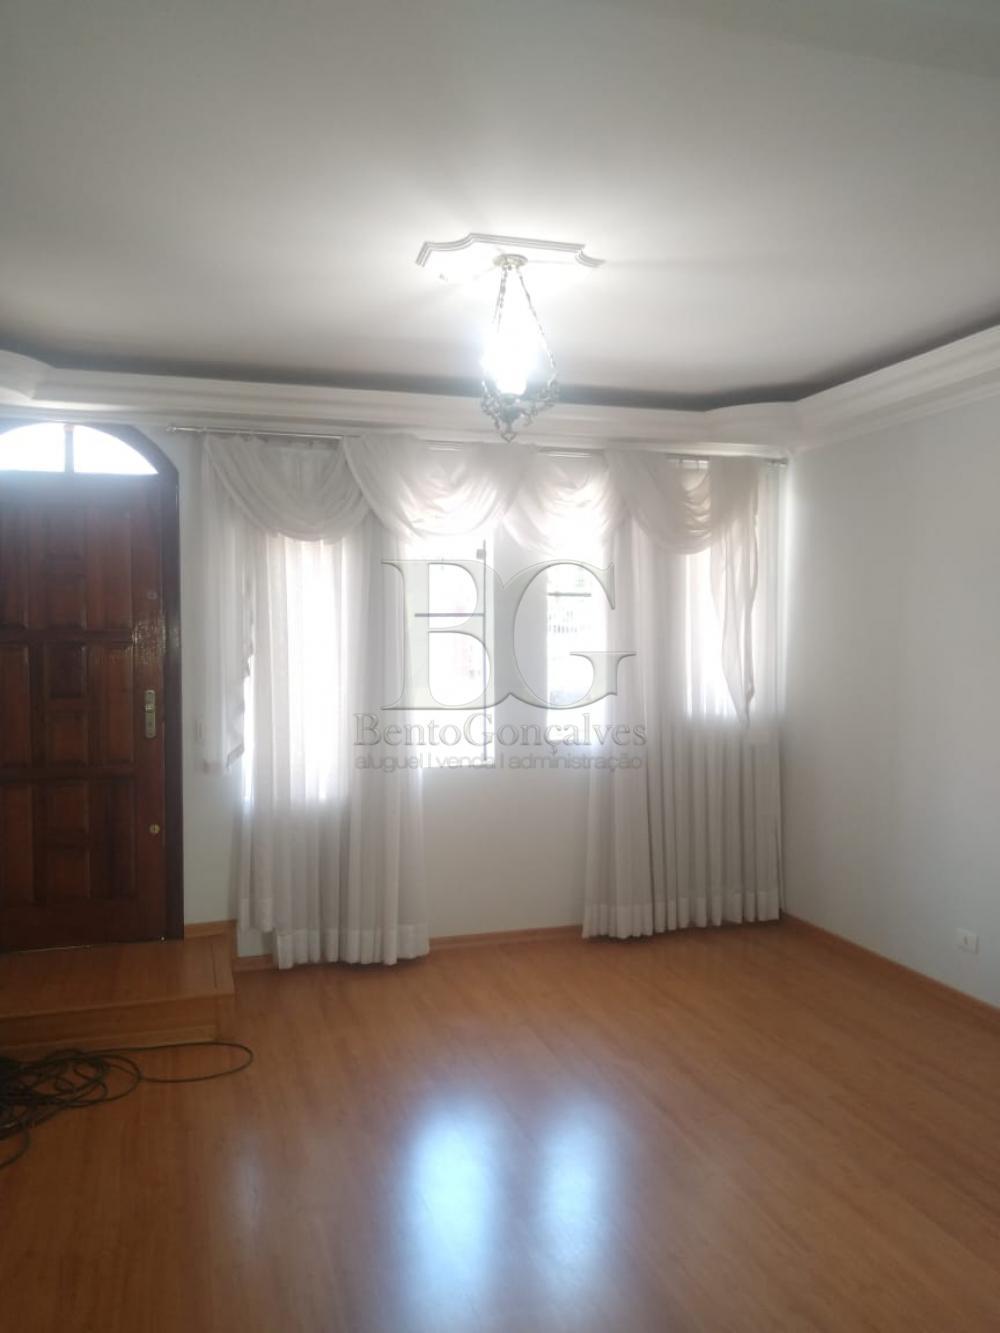 Comprar Casas / Padrão em Poços de Caldas apenas R$ 800.000,00 - Foto 4